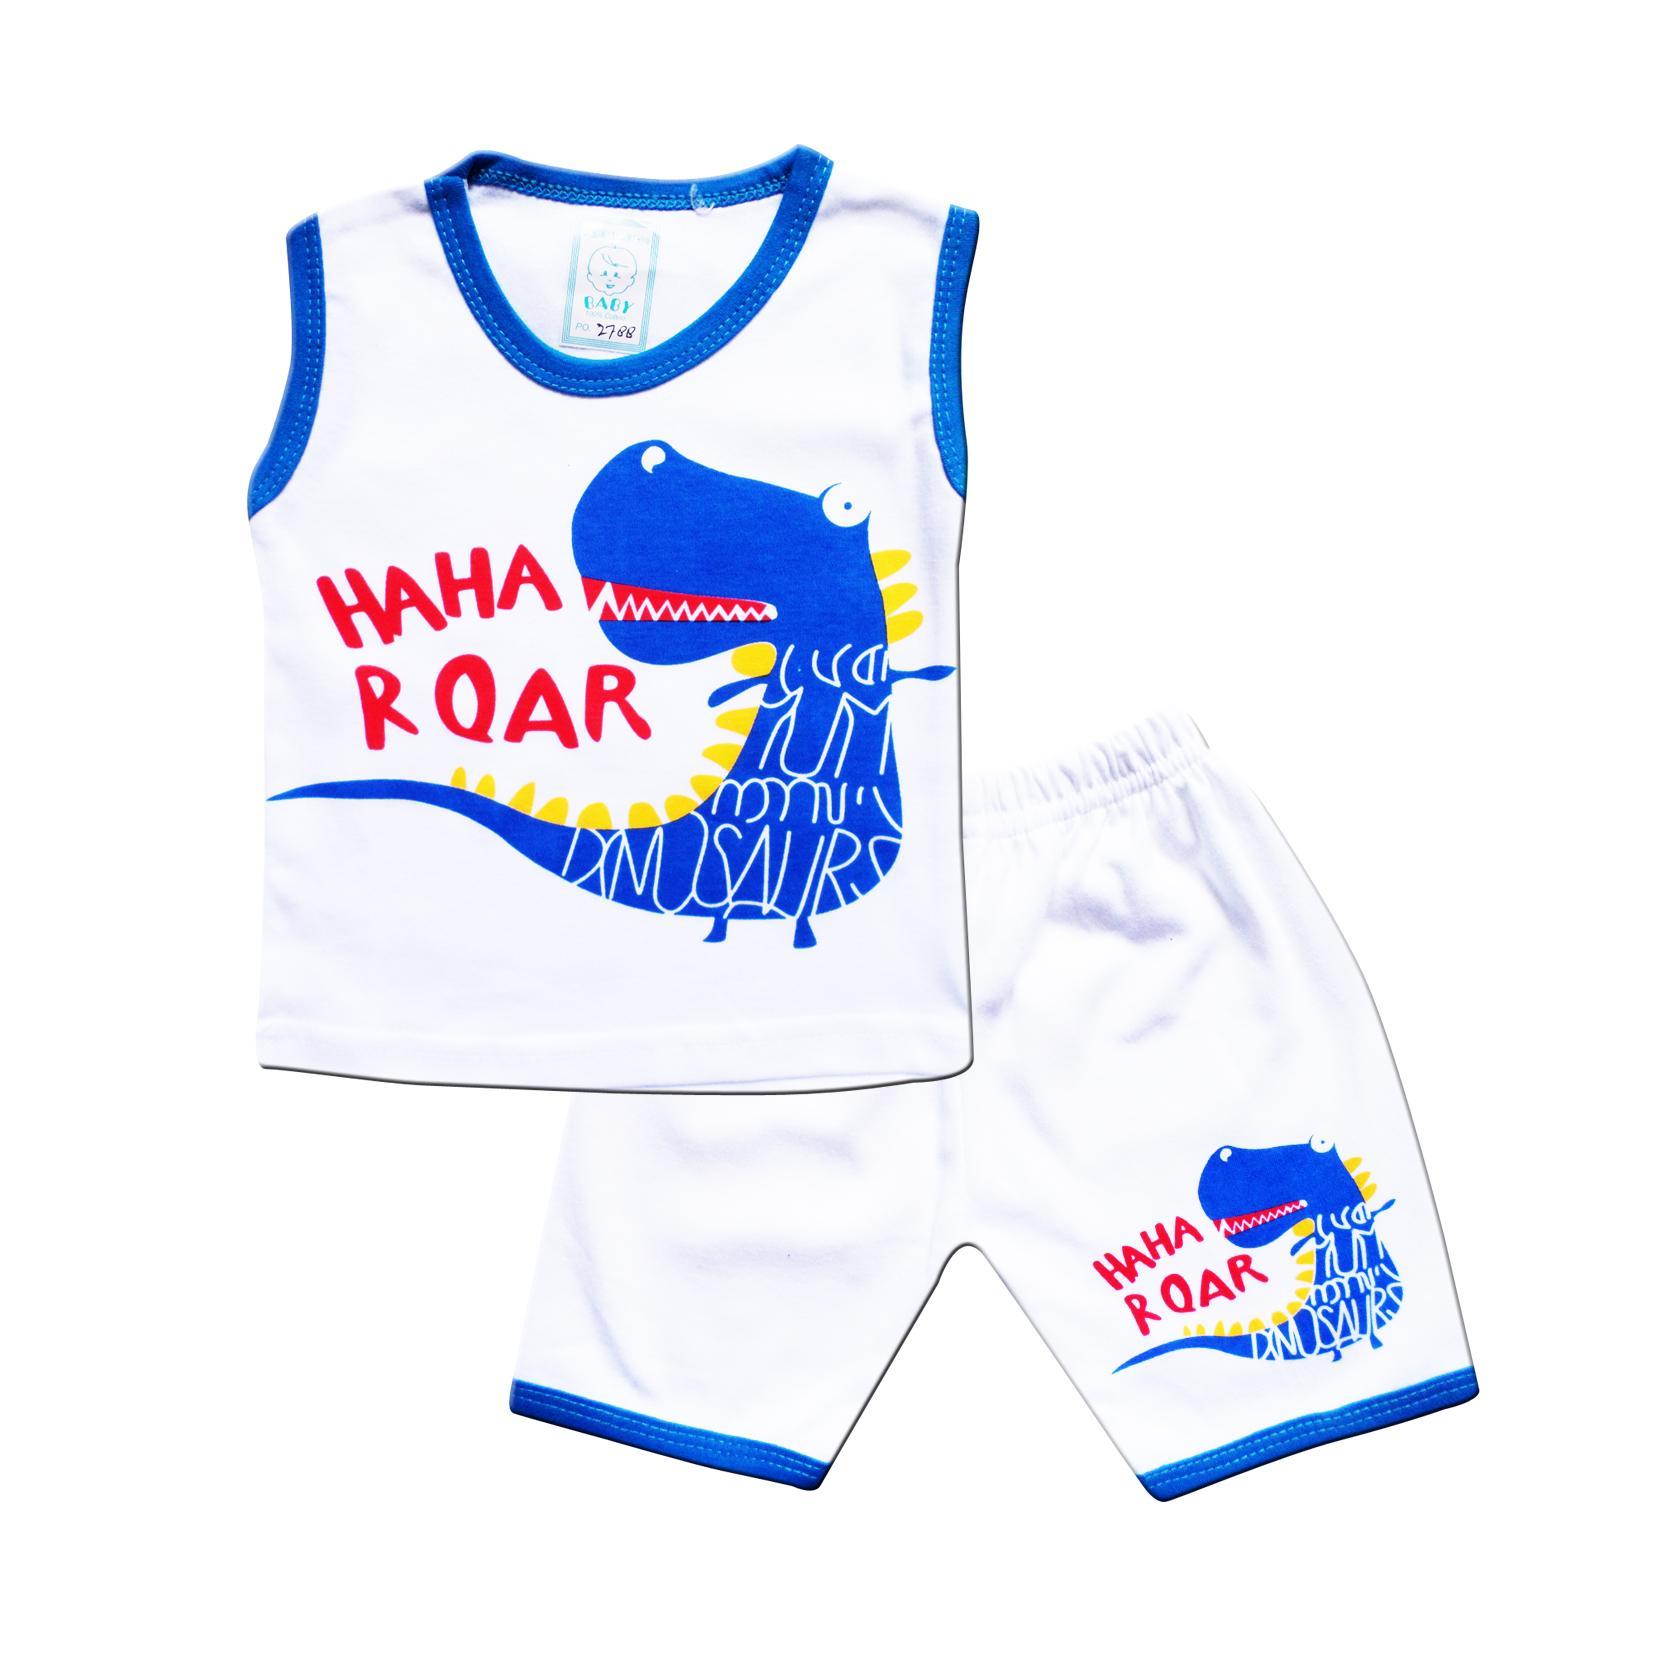 Set Pakaian Bayi Terbaik Ndal Setelan Singlet Baju Bola Terlaris